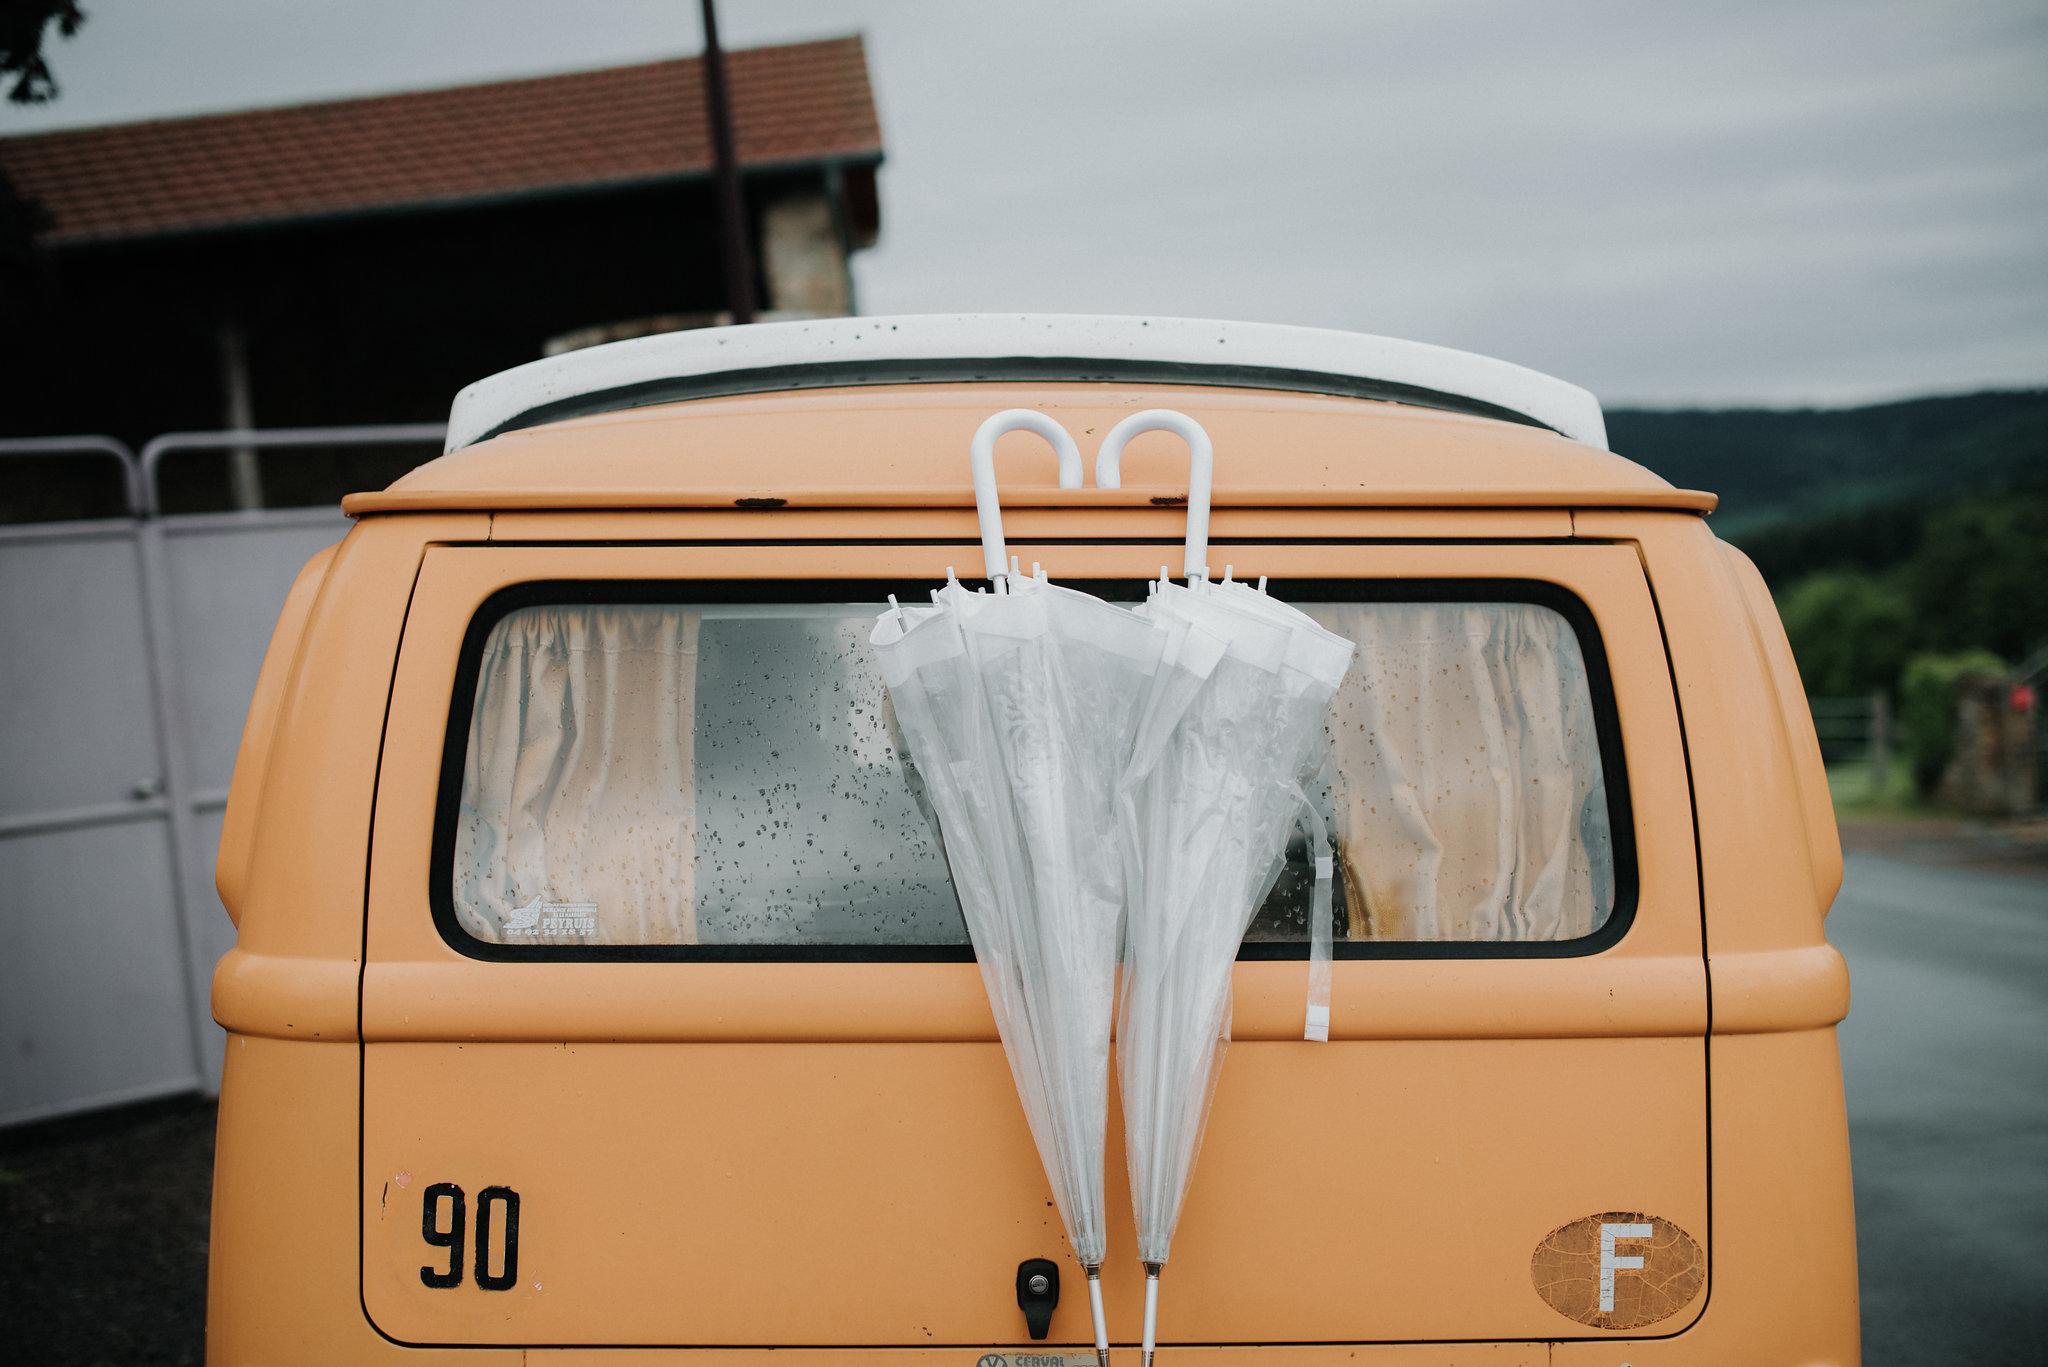 Léa-Fery-photographe-professionnel-lyon-rhone-alpes-portrait-creation-mariage-evenement-evenementiel-famille-2162.jpg